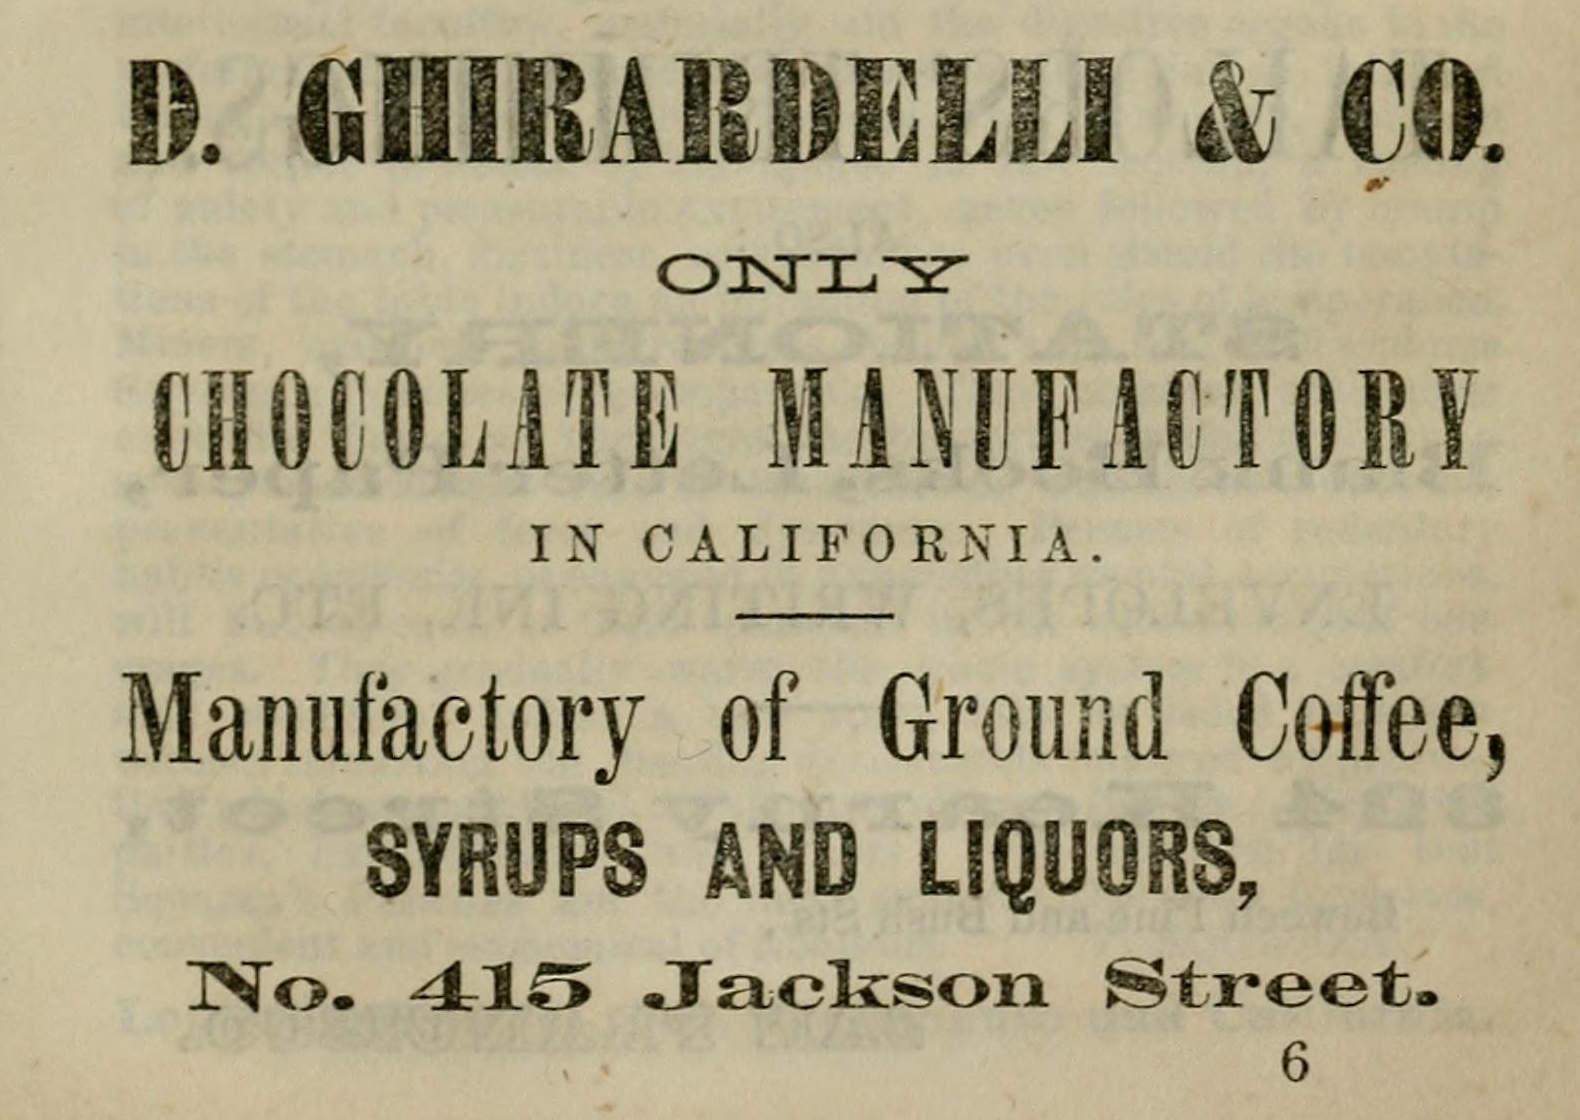 Ghirardelli Chocolate Company - Wikipedia